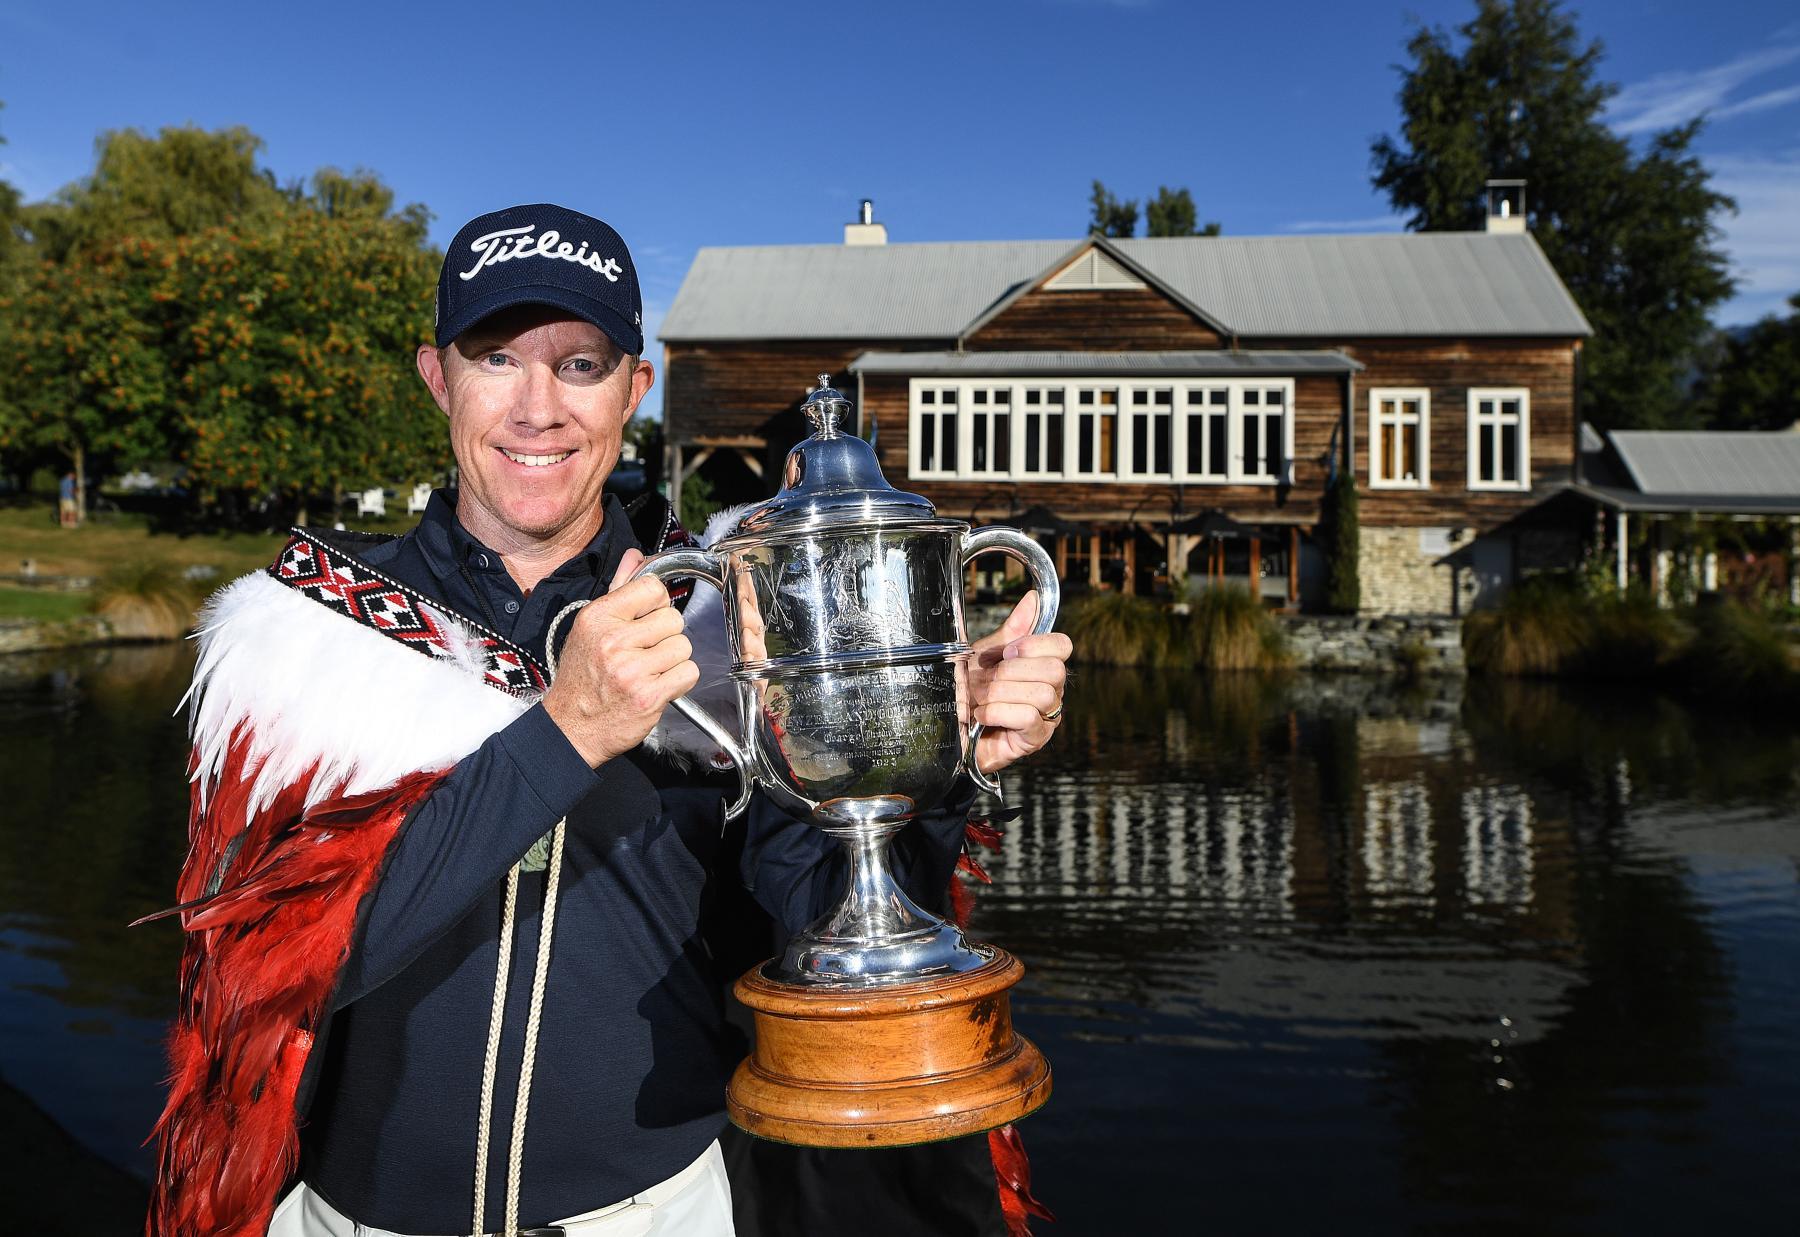 2020 NZ Golf Open Winner Brad Kennedy